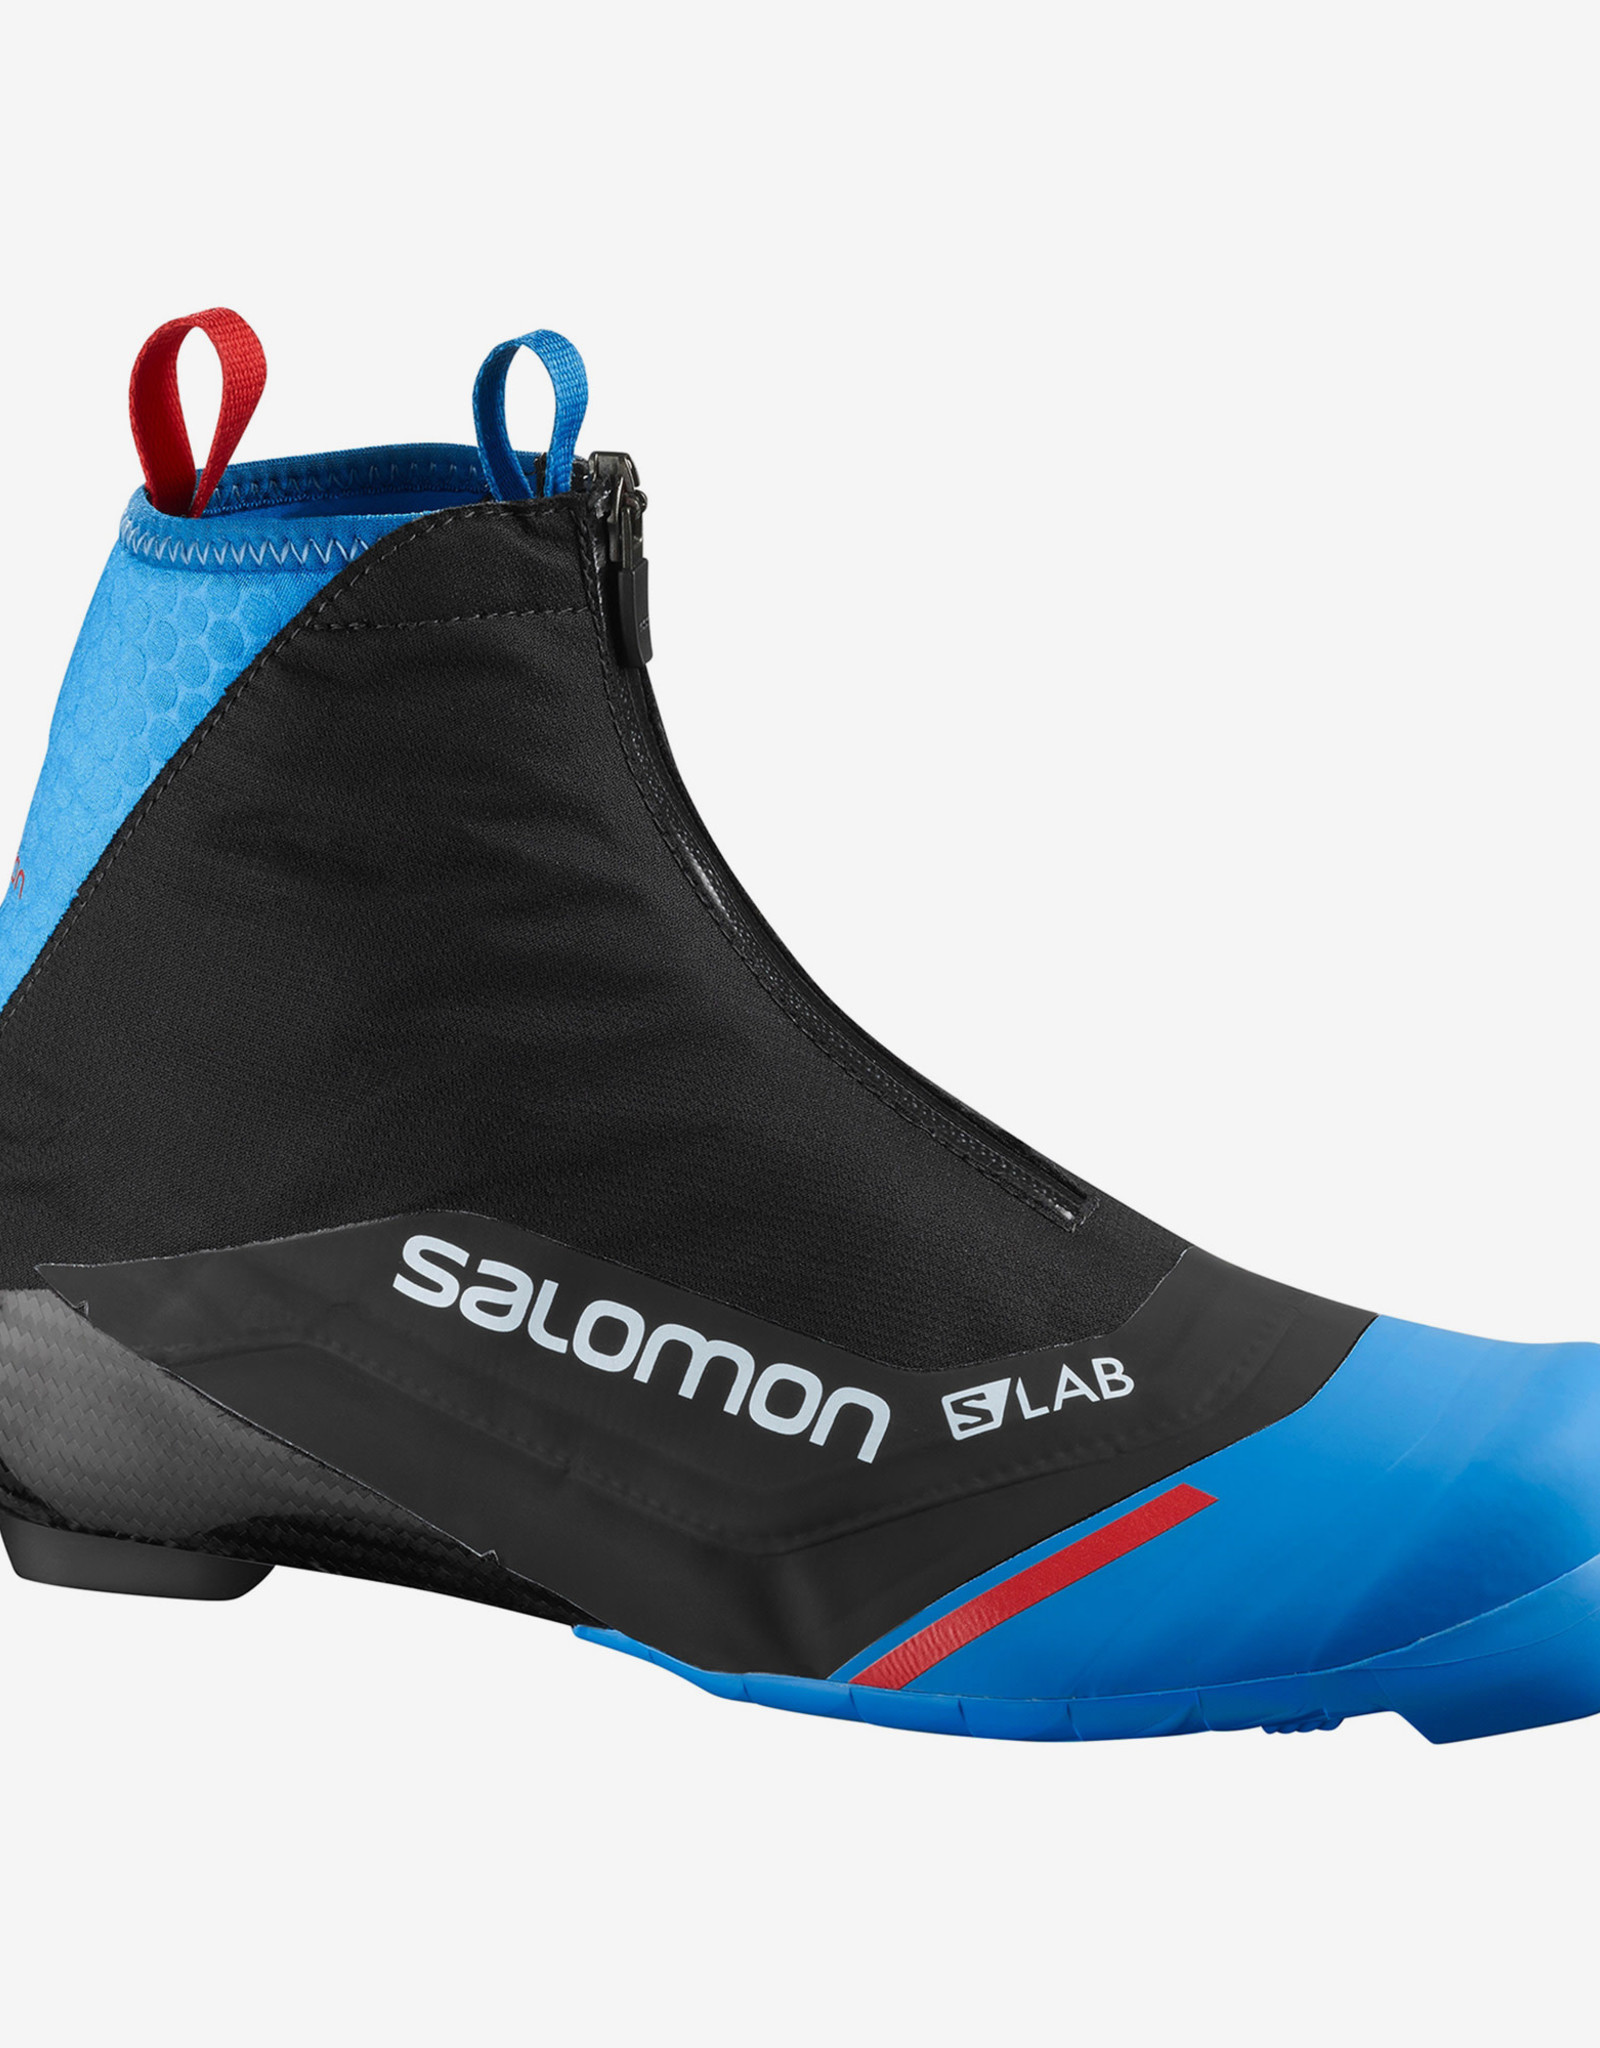 Salomon S/lab Carbon Classic